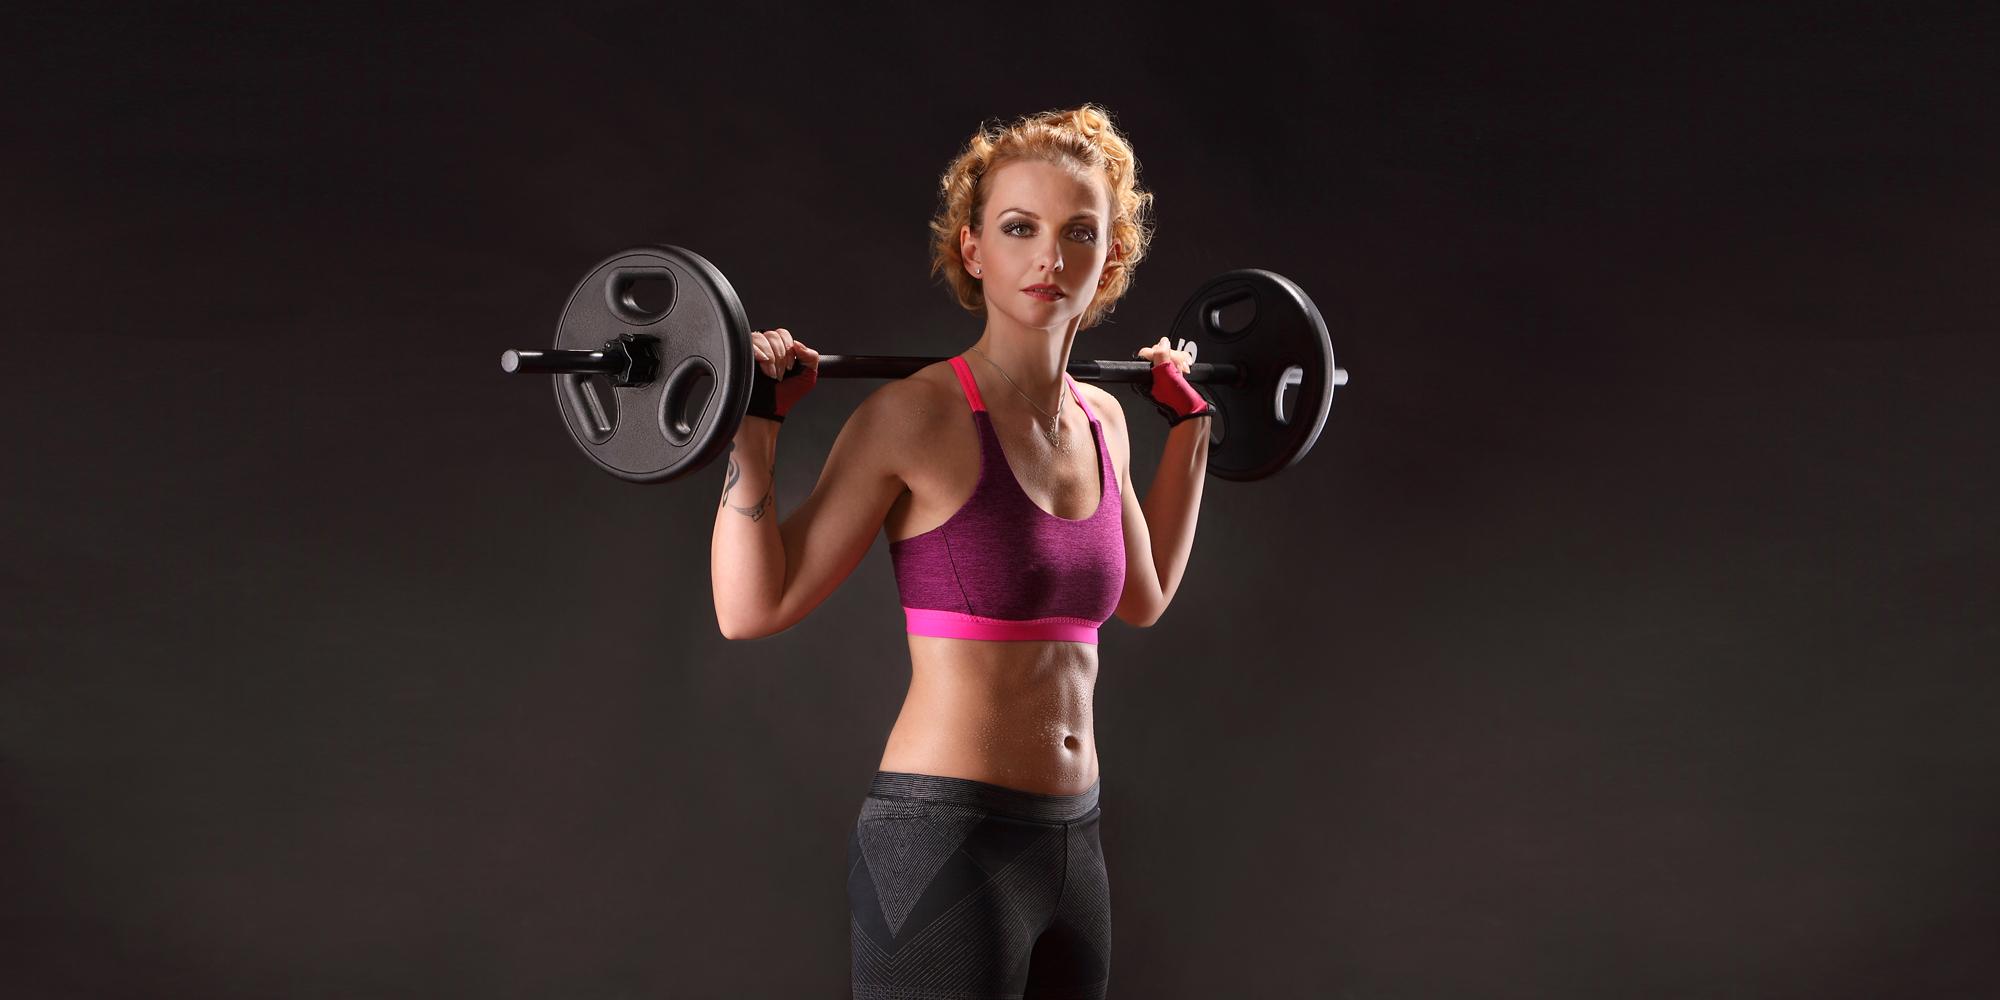 Seitliches Frontportrait in Farbe einer Frau in sportlichem Outfit, die eine Hantelstange auf ihrer Schulter abgelegt hat.